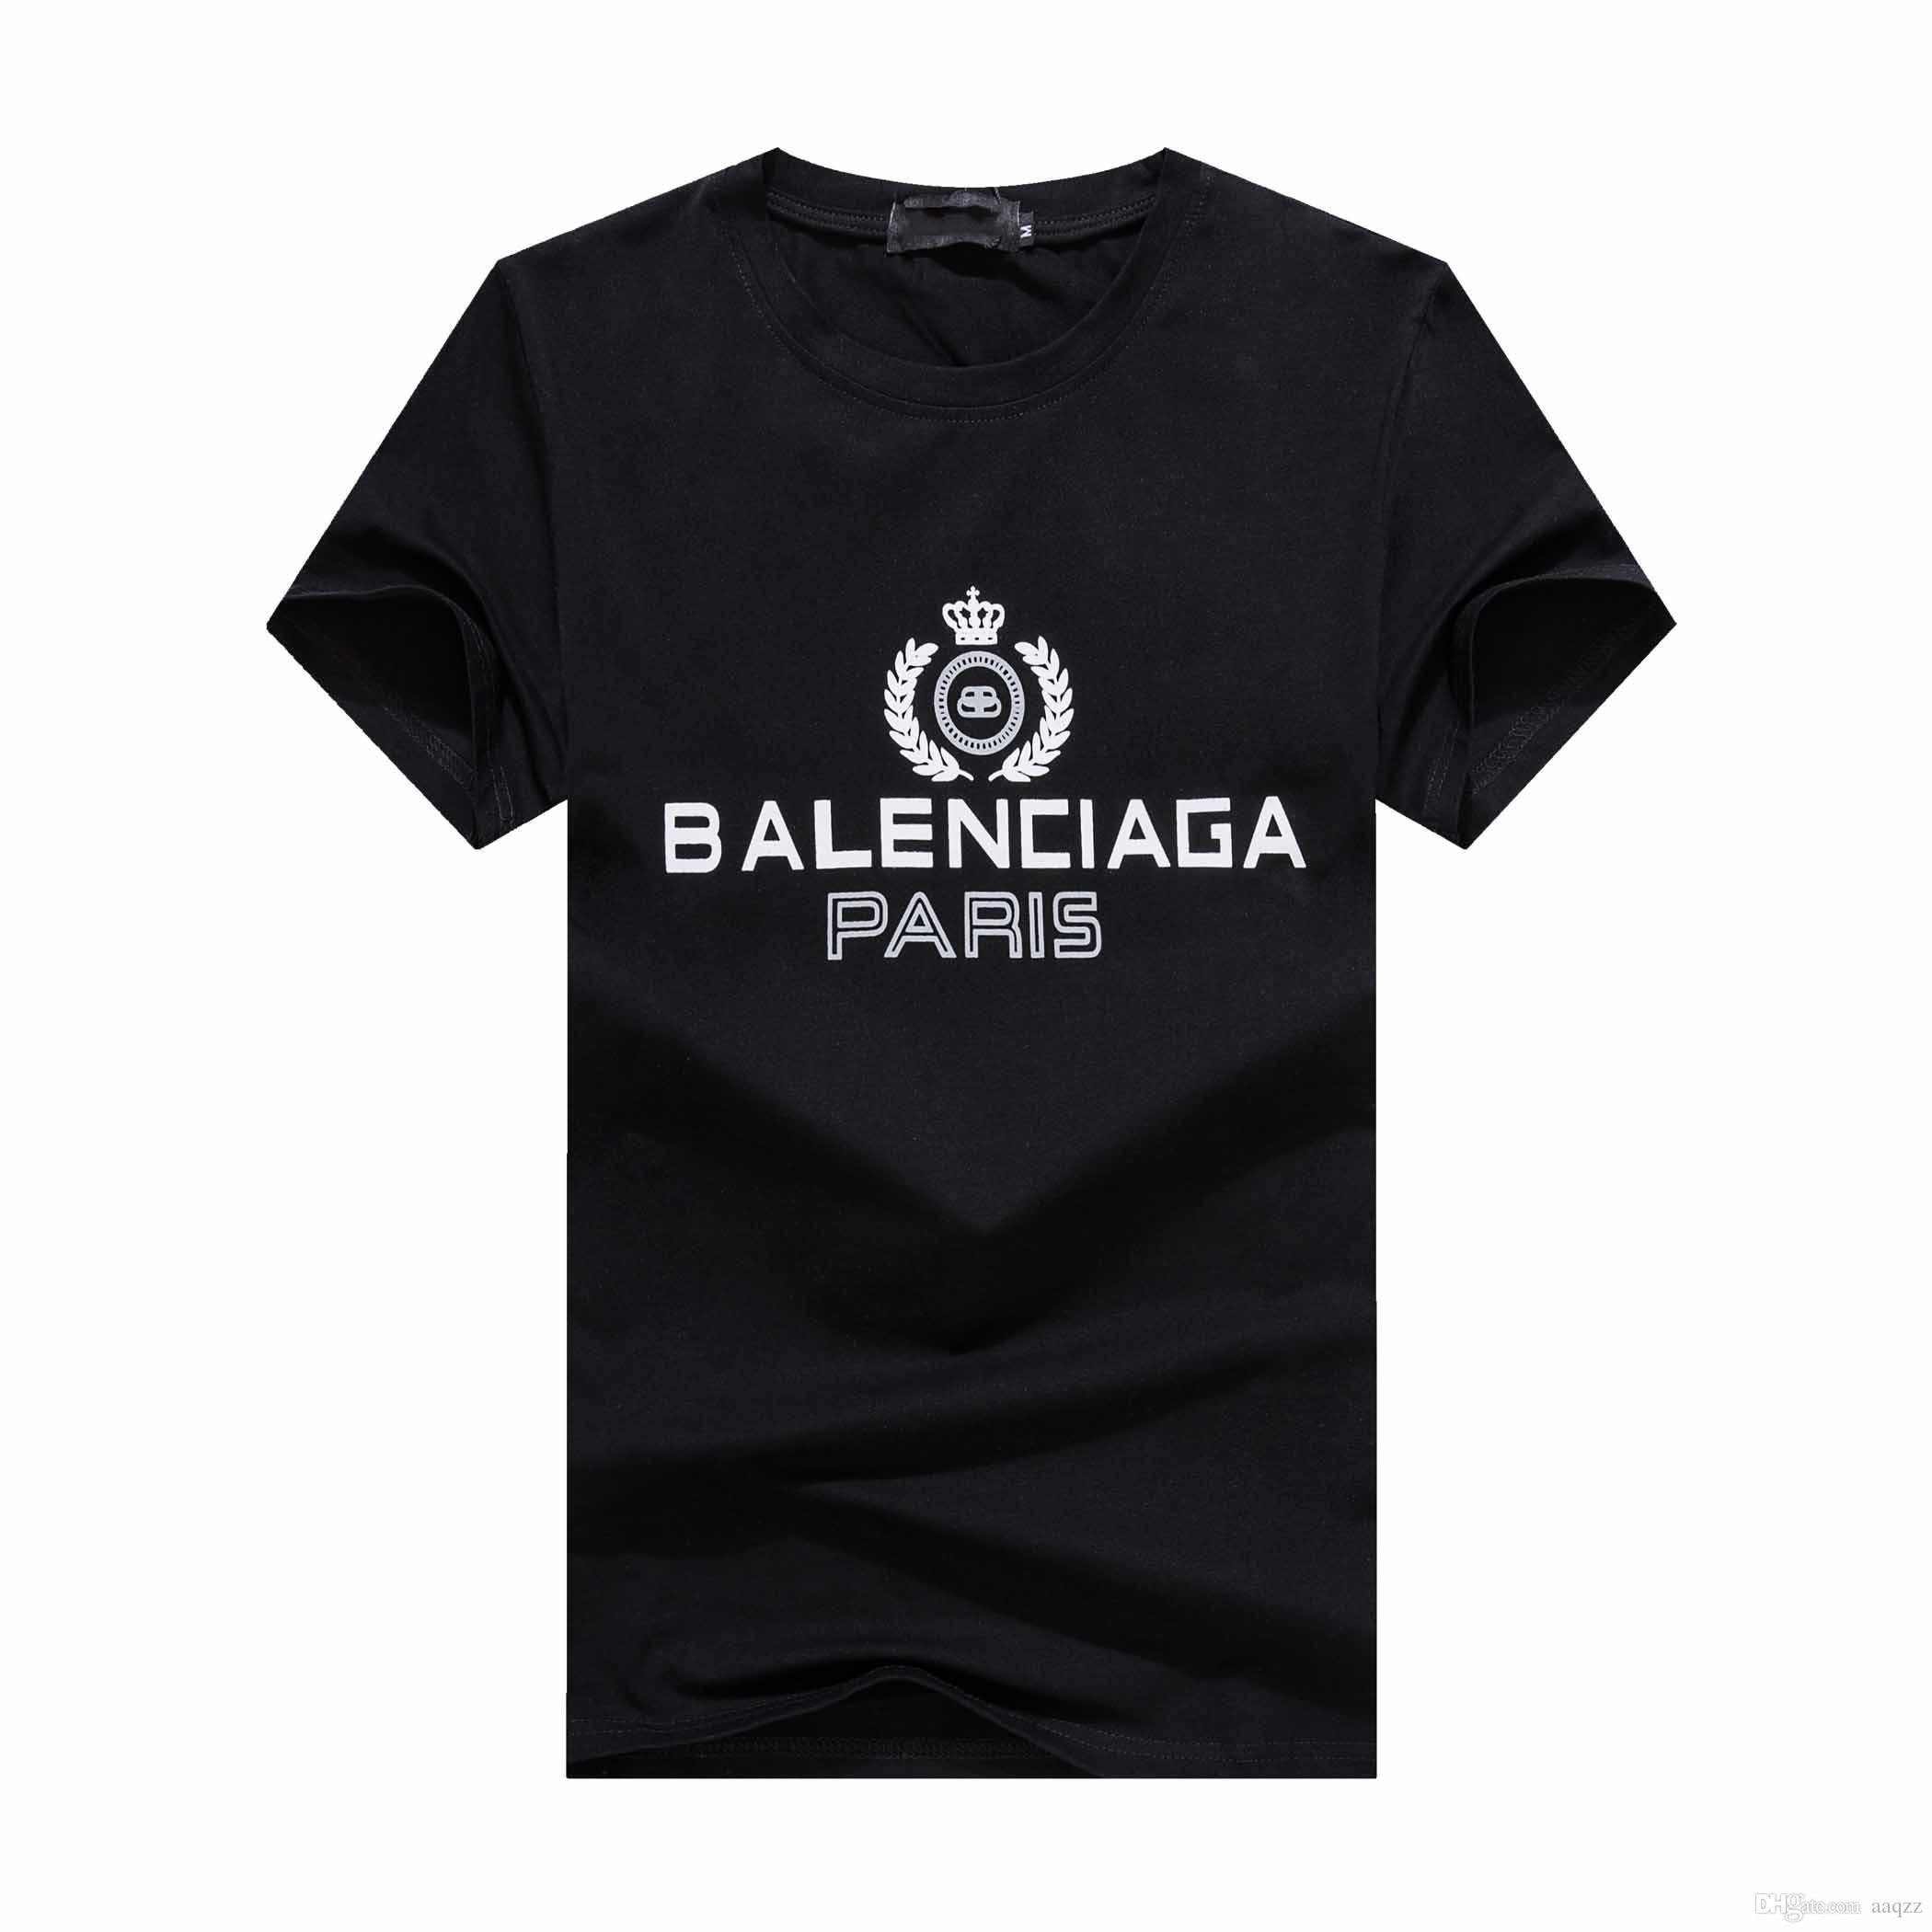 mens FF moda della maglietta nuova estate del progettista maglietta americano europeo popolare T-shirt uomini donne coppie di lusso maglietta